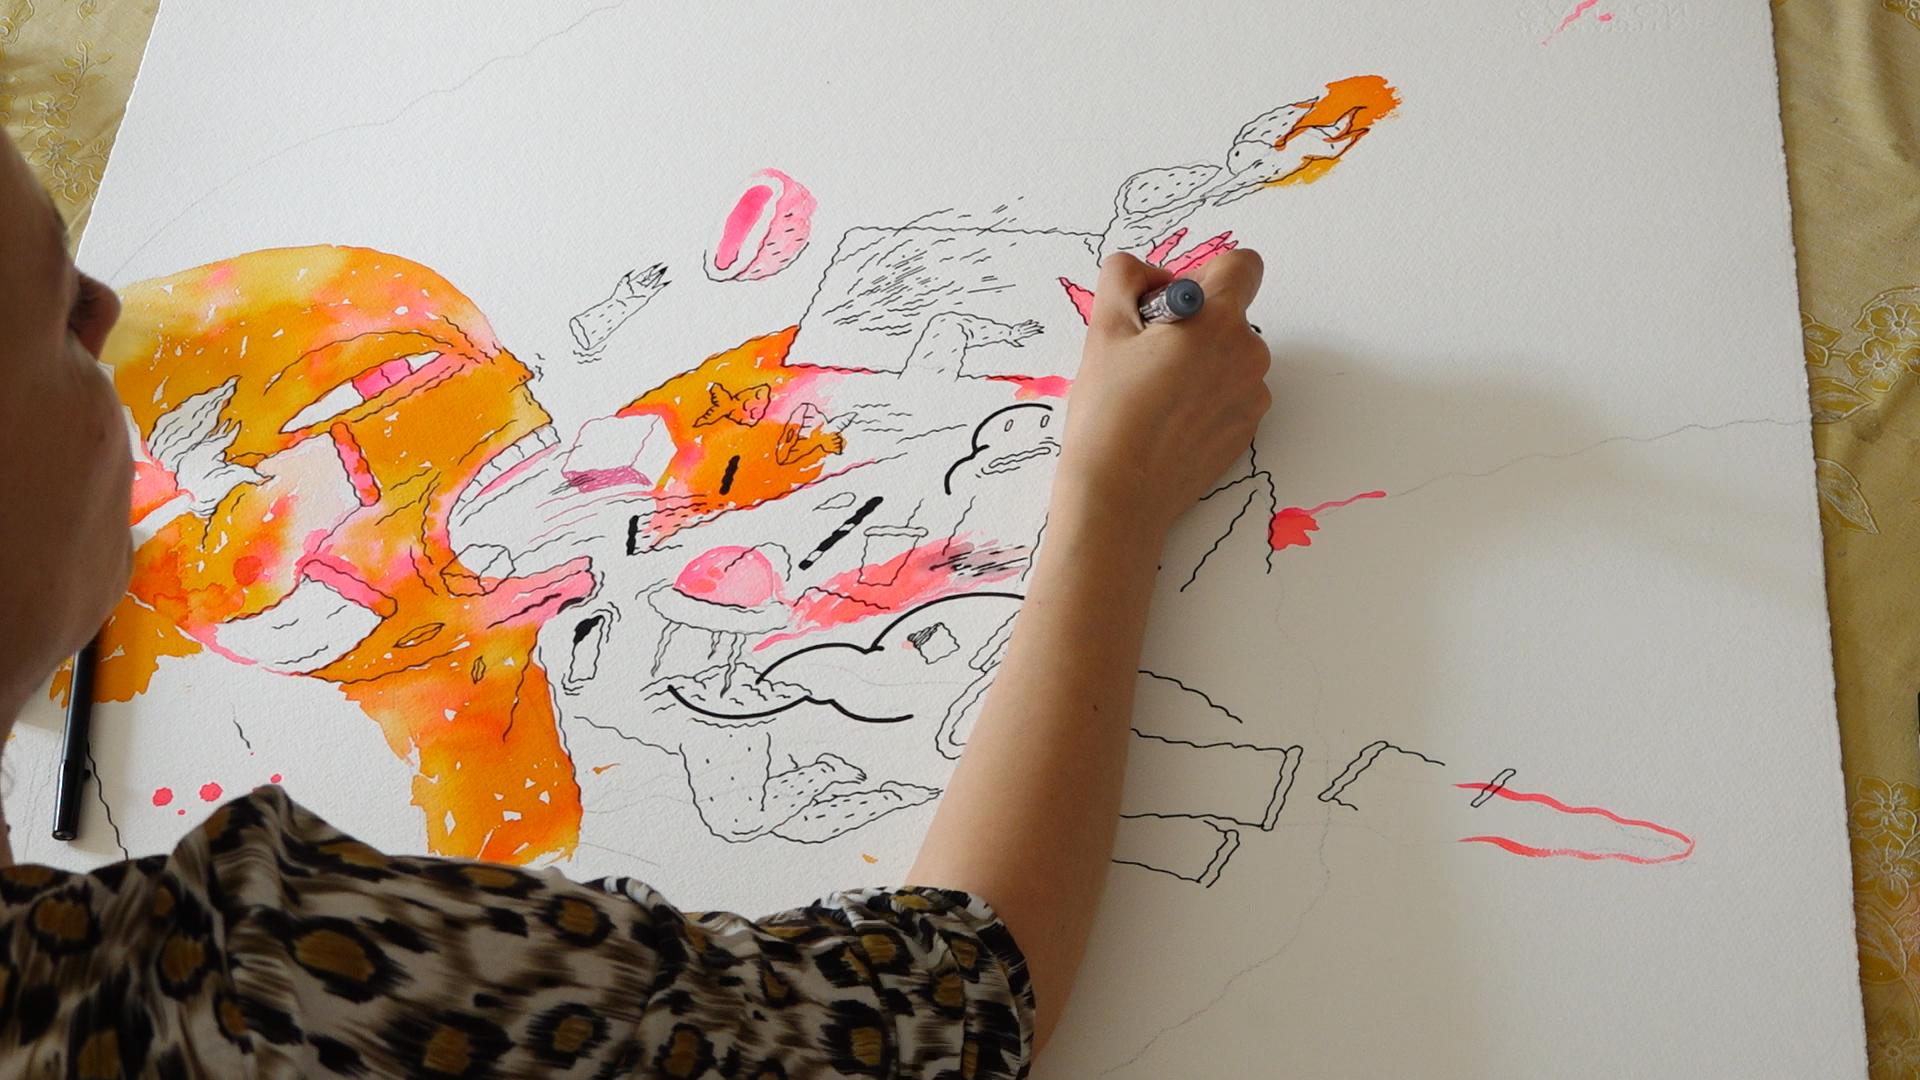 Ana Ștefania Andronic - Inspirație fără limite